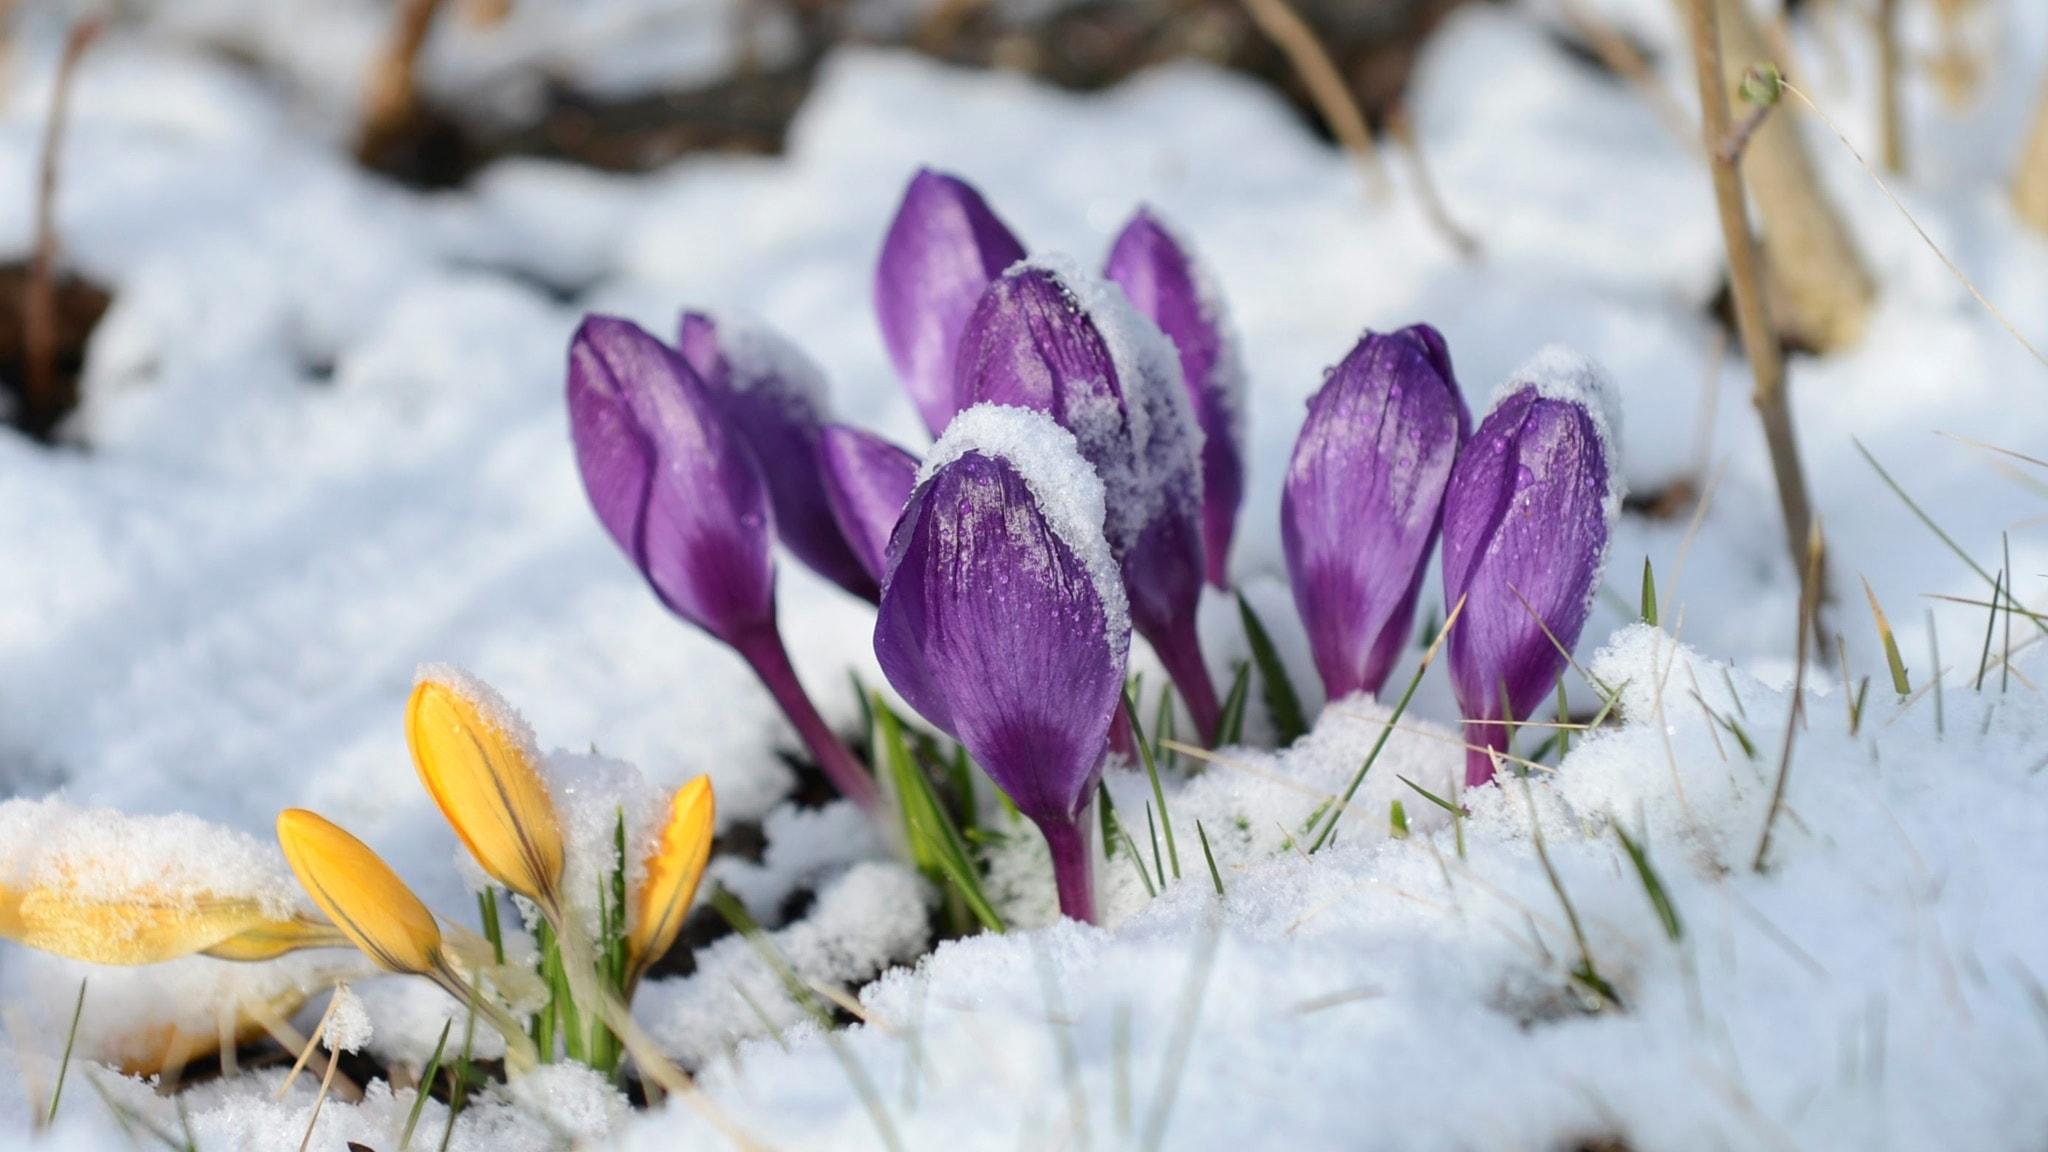 Kevät on myöhässä kertoivat Sisutarinoiden kuuntelijat